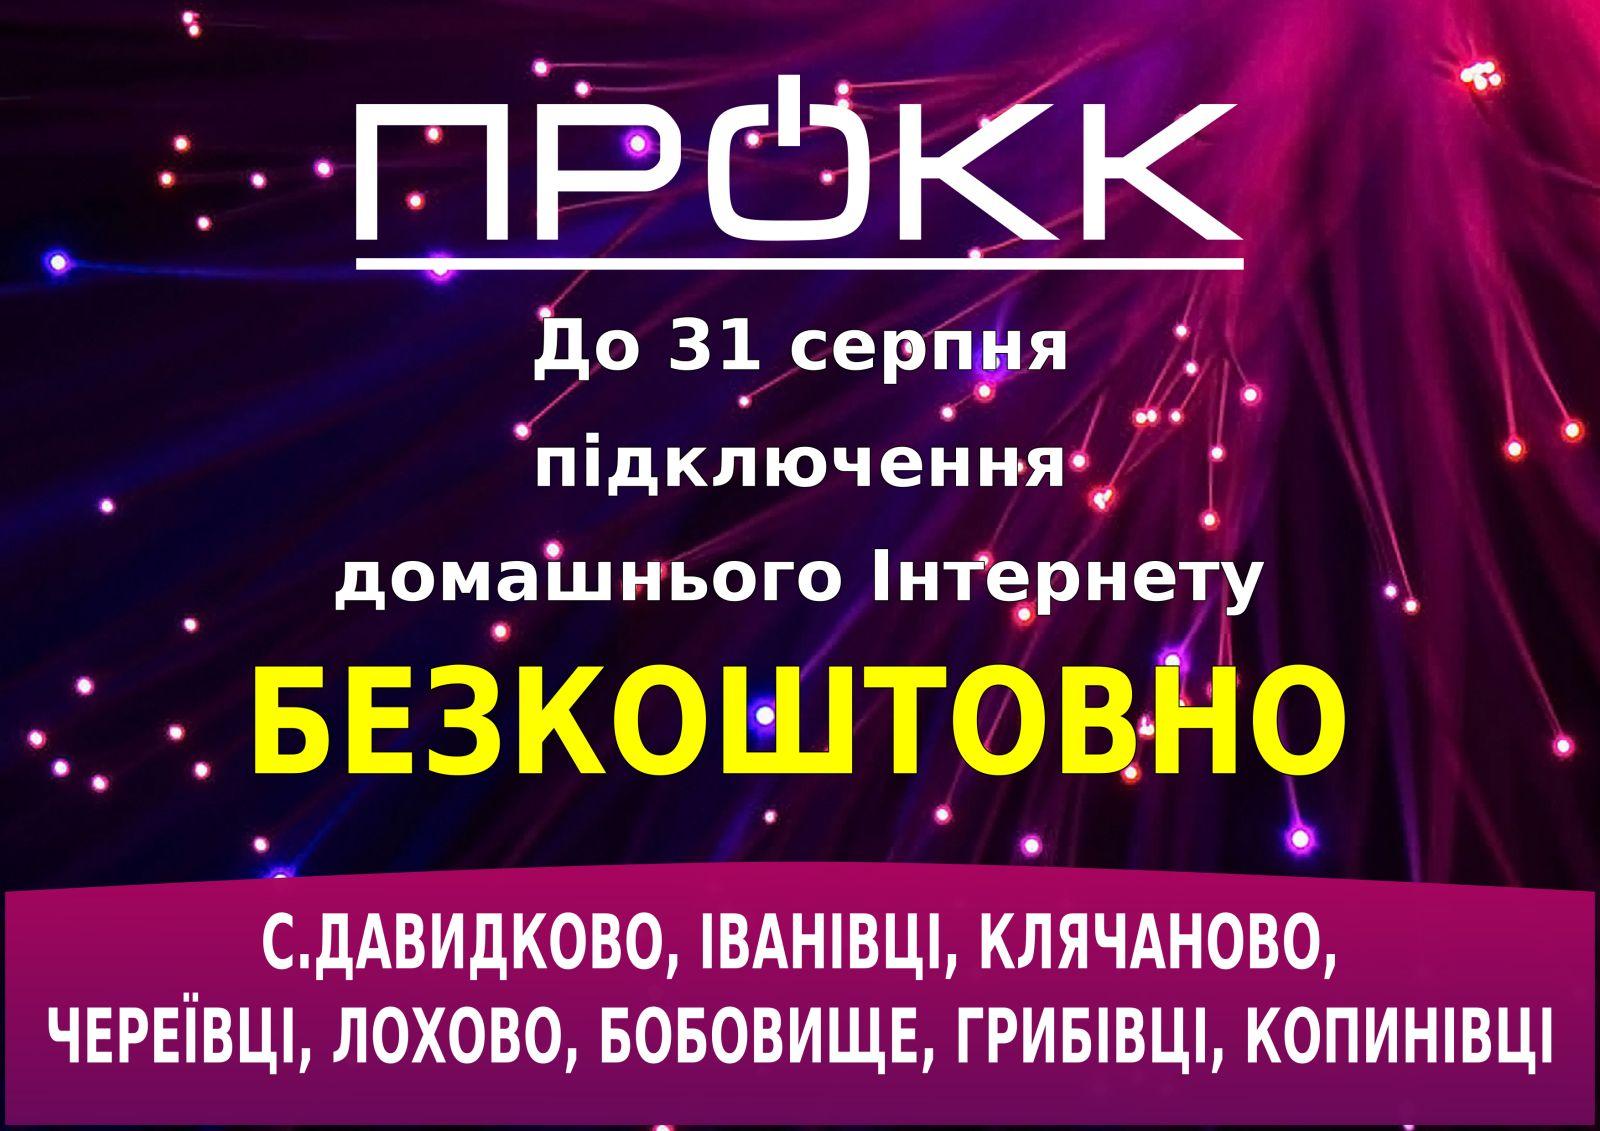 Безкоштовне підключення Інтернету в Івановецькій ОТГ